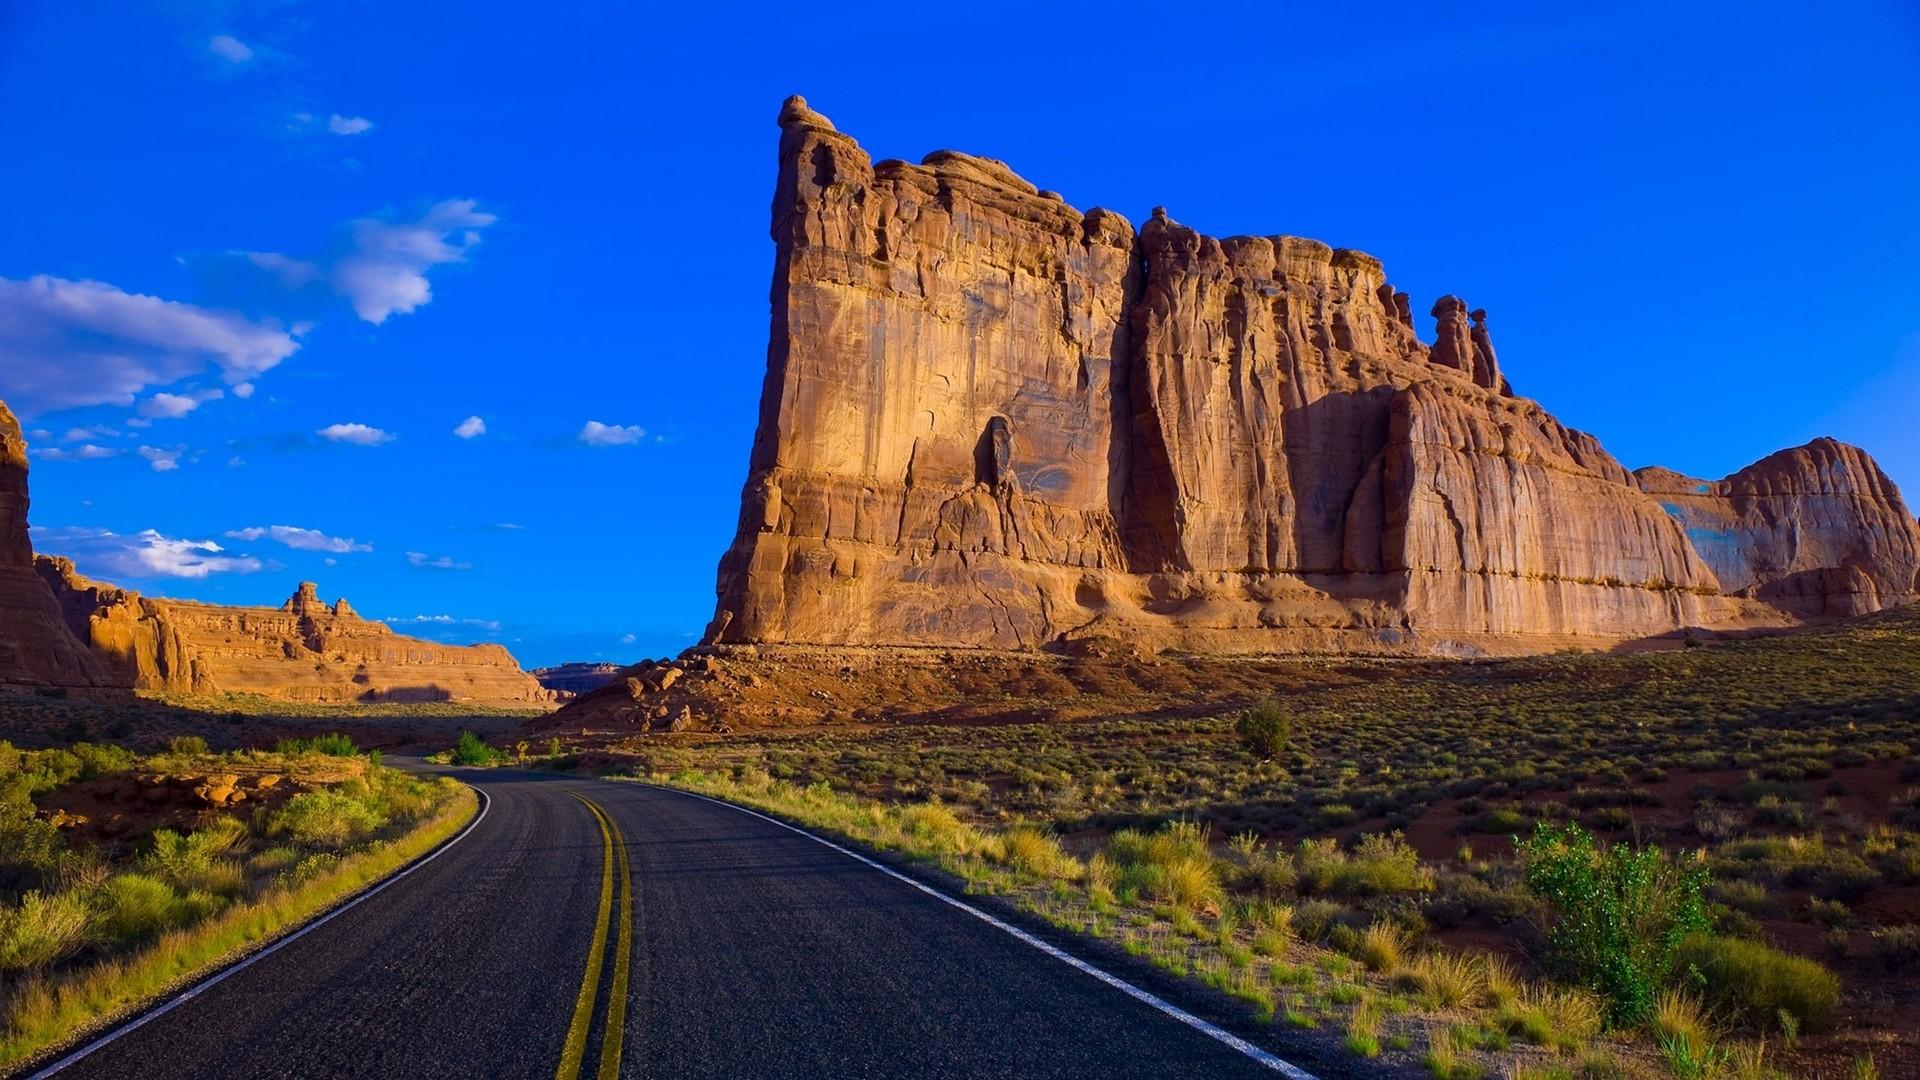 Wallpaper Landscape Rock Nature Road Tourism Cliff